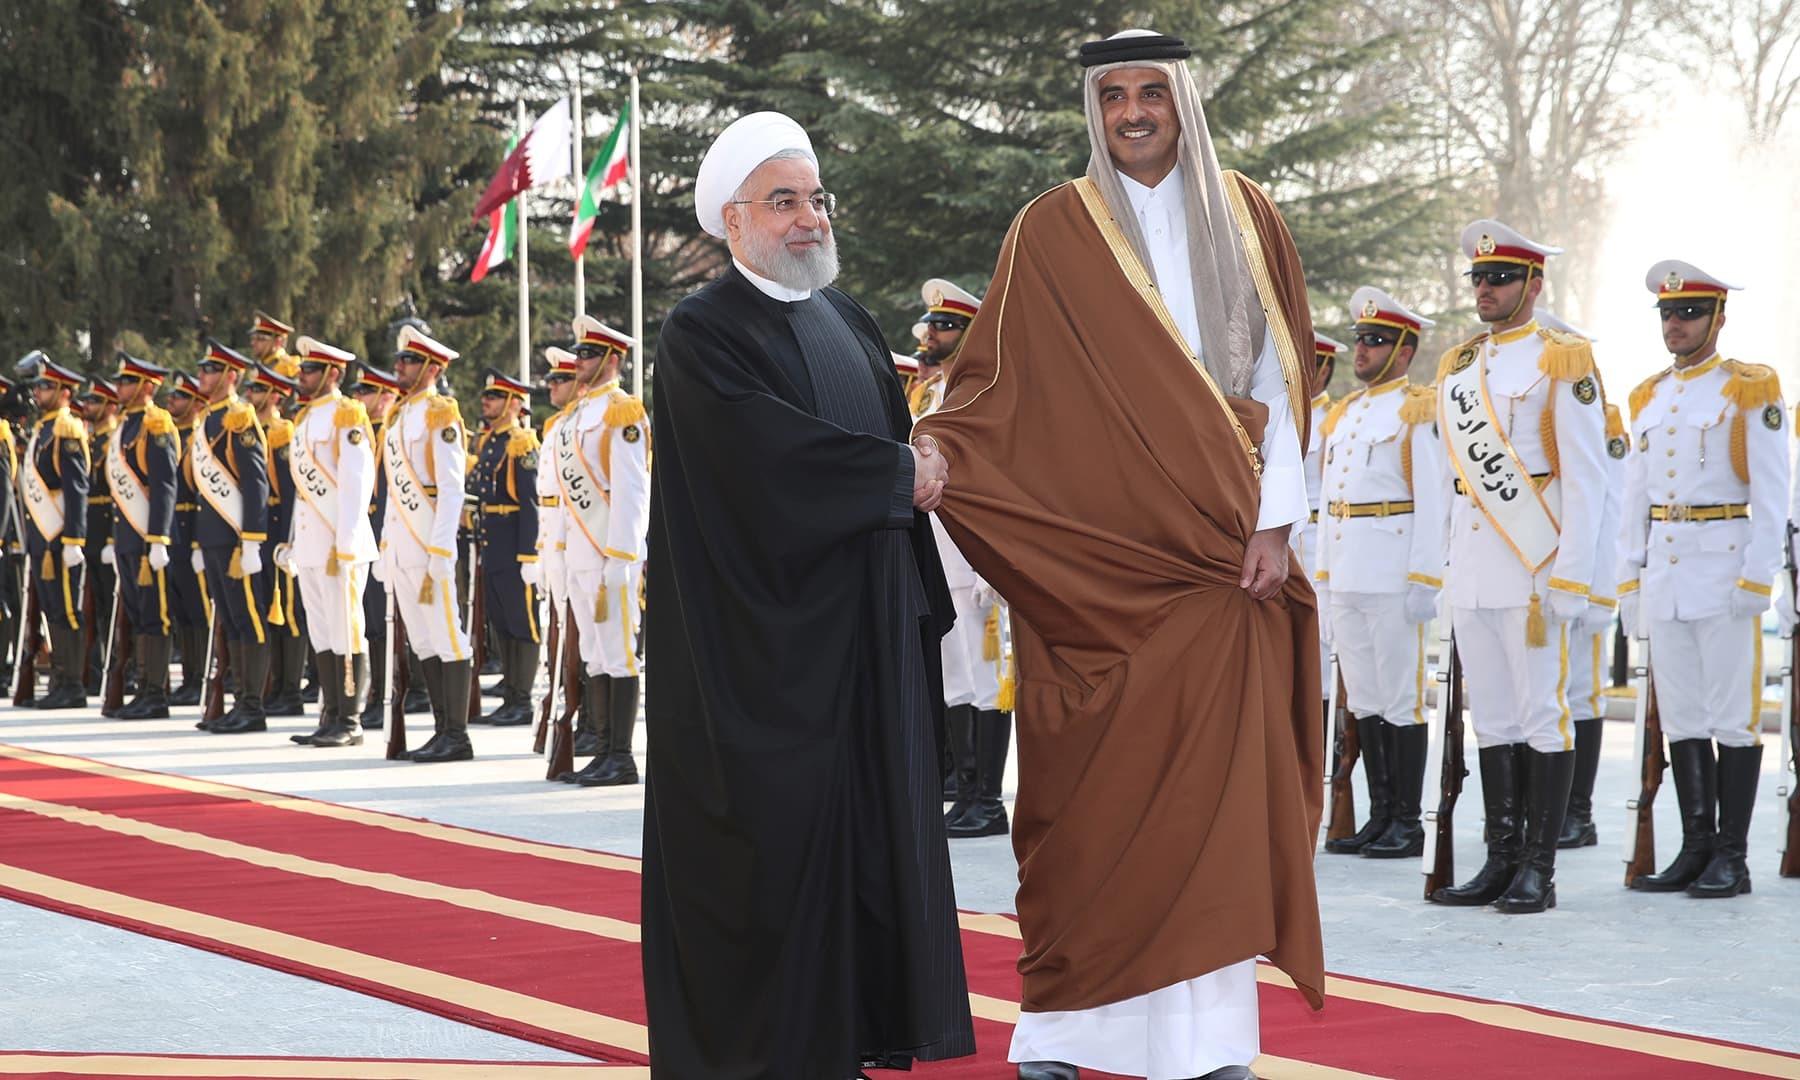 شیخ تمیم بن حمد الثانی نے فضائی اور زمینی راستہ فراہم کرنے پر تہران کا شکریہ بھی ادا کیا— فوٹو: رائٹرز